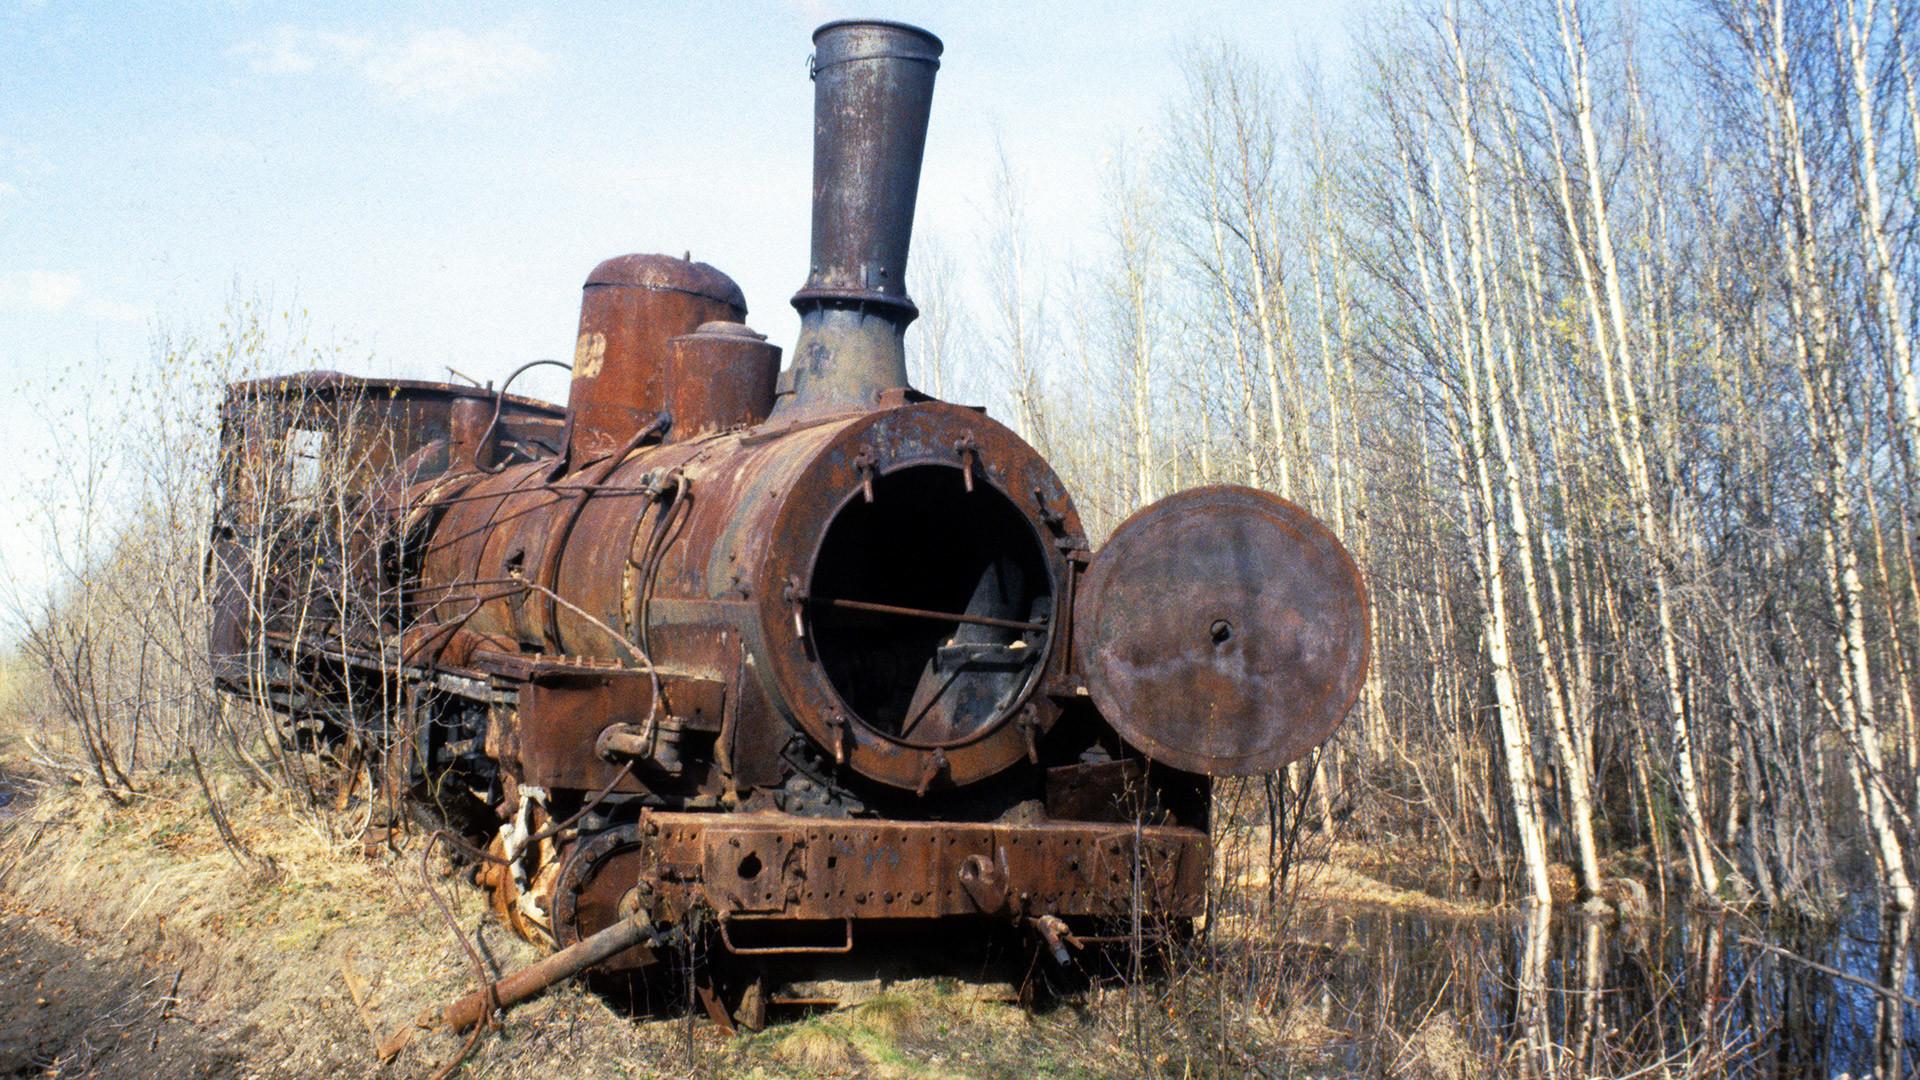 Советското раководство во 1949 година донело одлука за изградба на поларна пруга од Игарка до Салехард со вкупна должина од 1.263 километри.